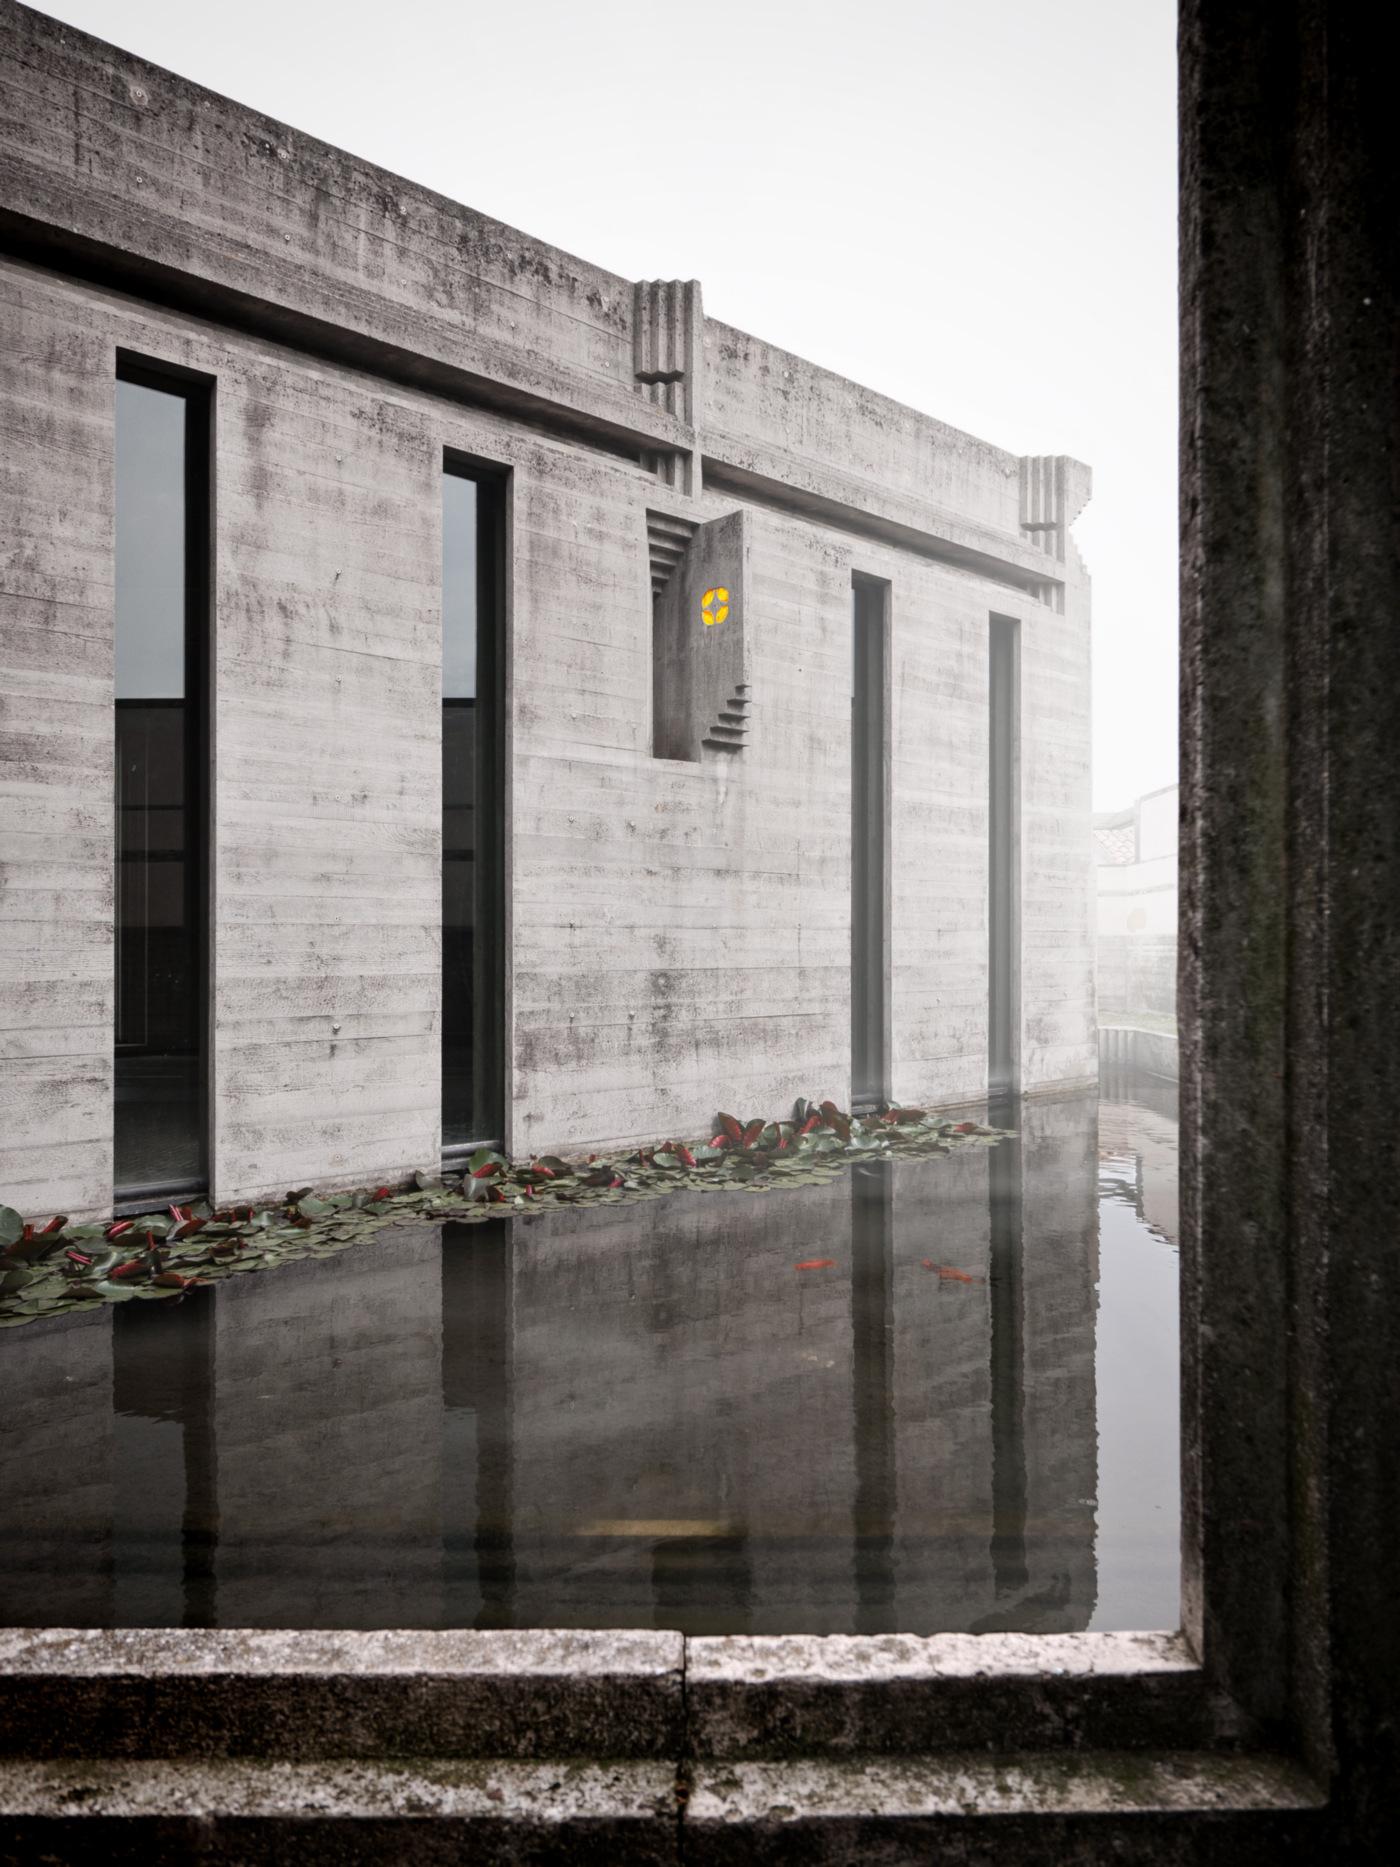 La Tomba Brion di Carlo Scarpa nelle fotografie di Carlo Deregibus | isola nona